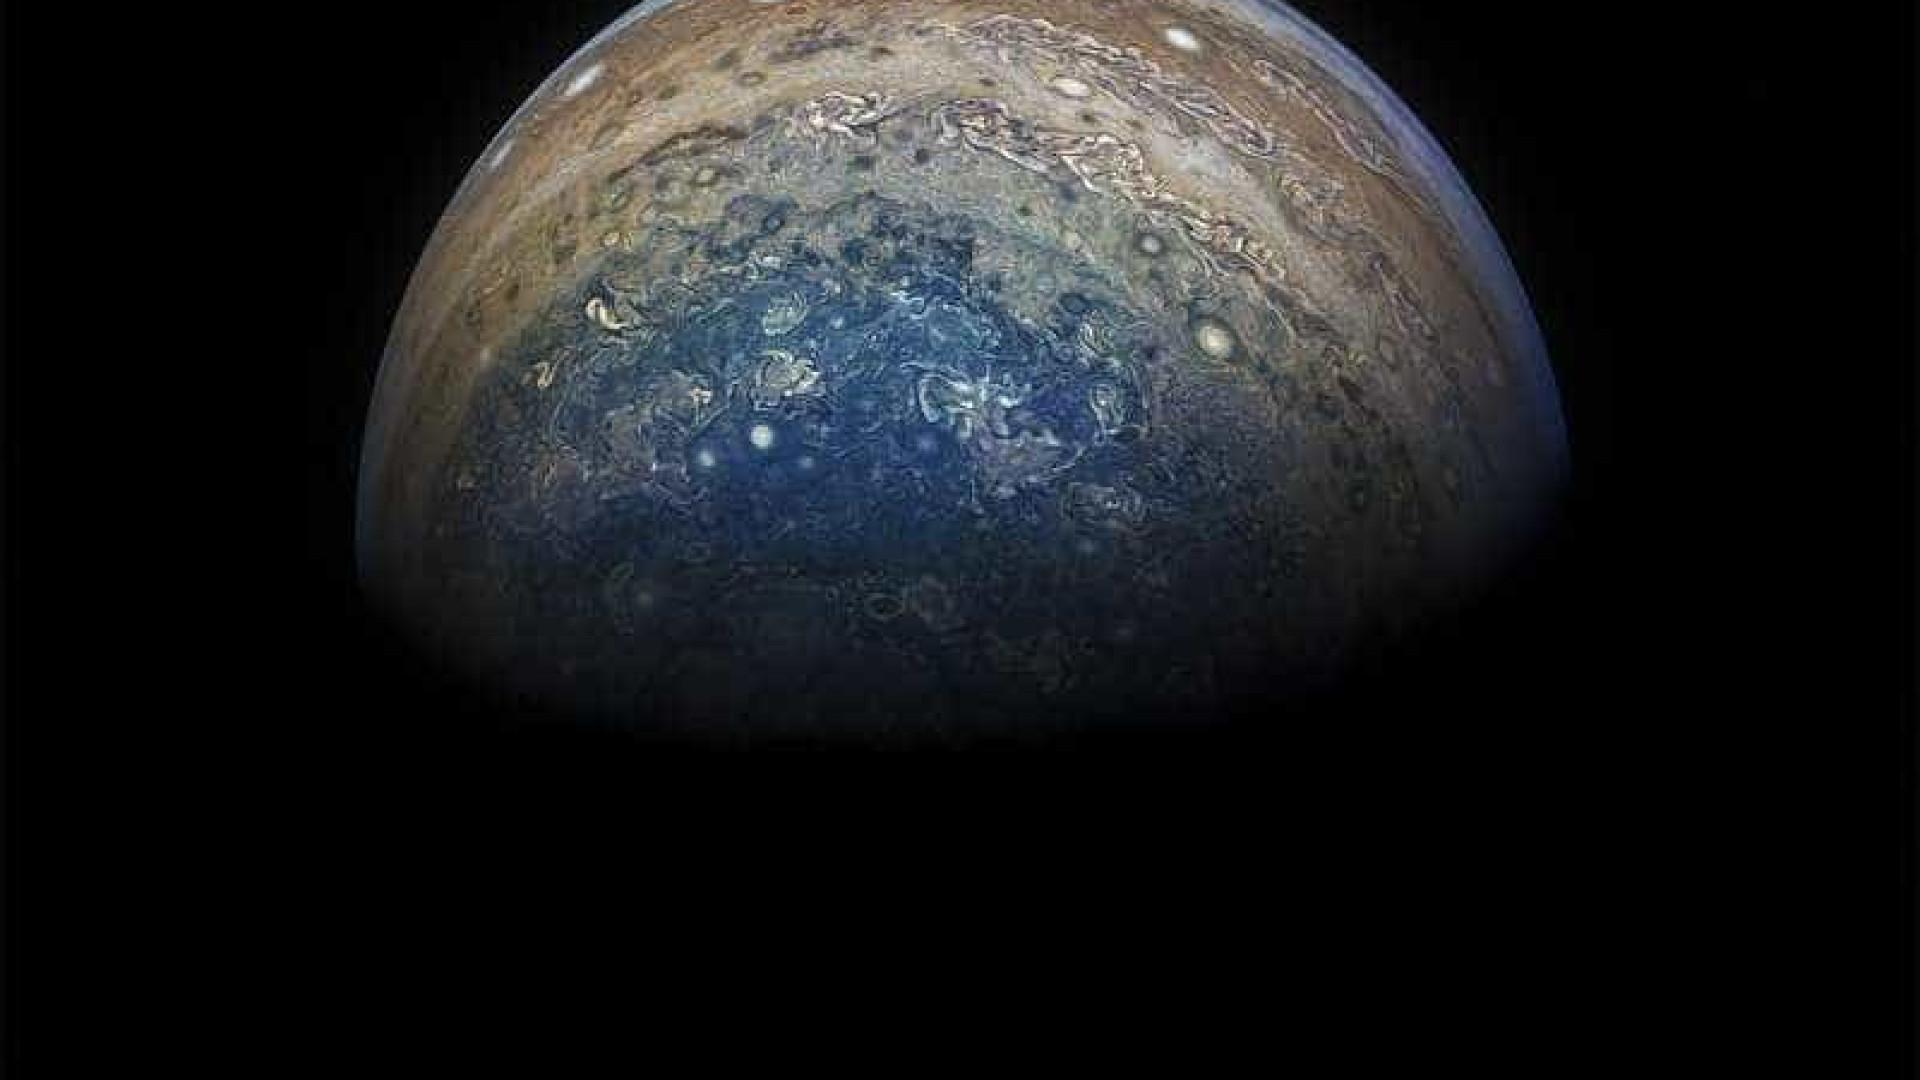 Majestoso, Júpiter mostra-se em novas imagens de grande beleza